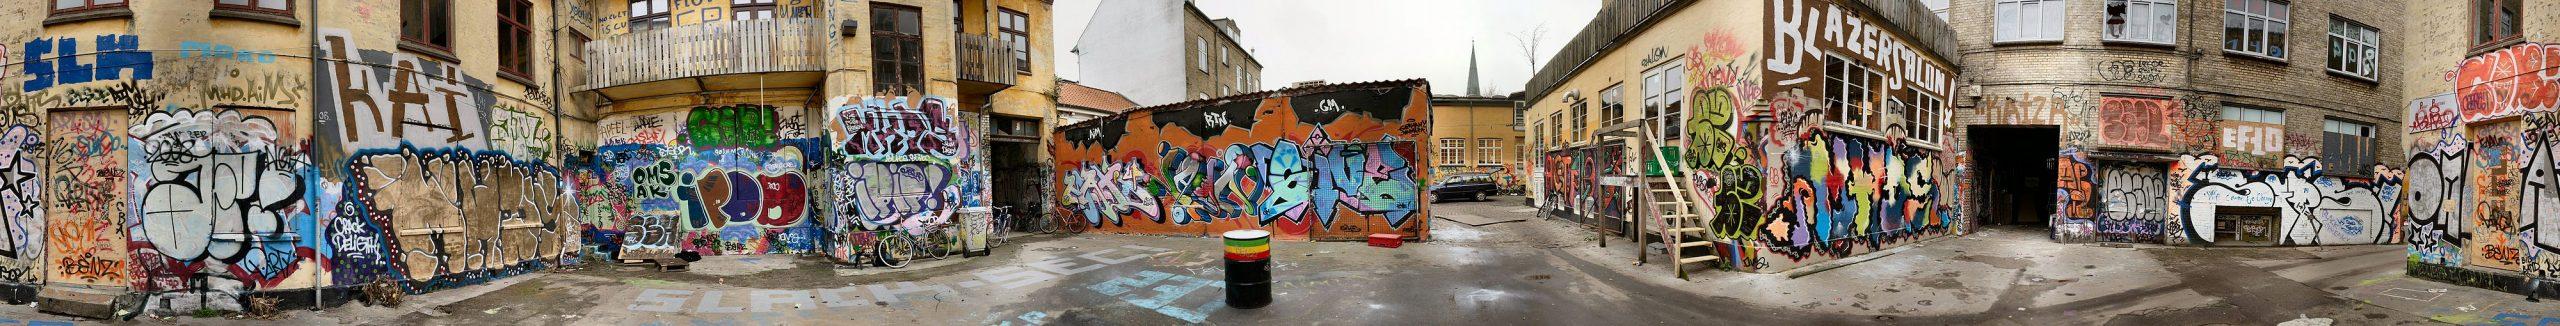 Vẽ tranh graffiti pử Đan Mạch